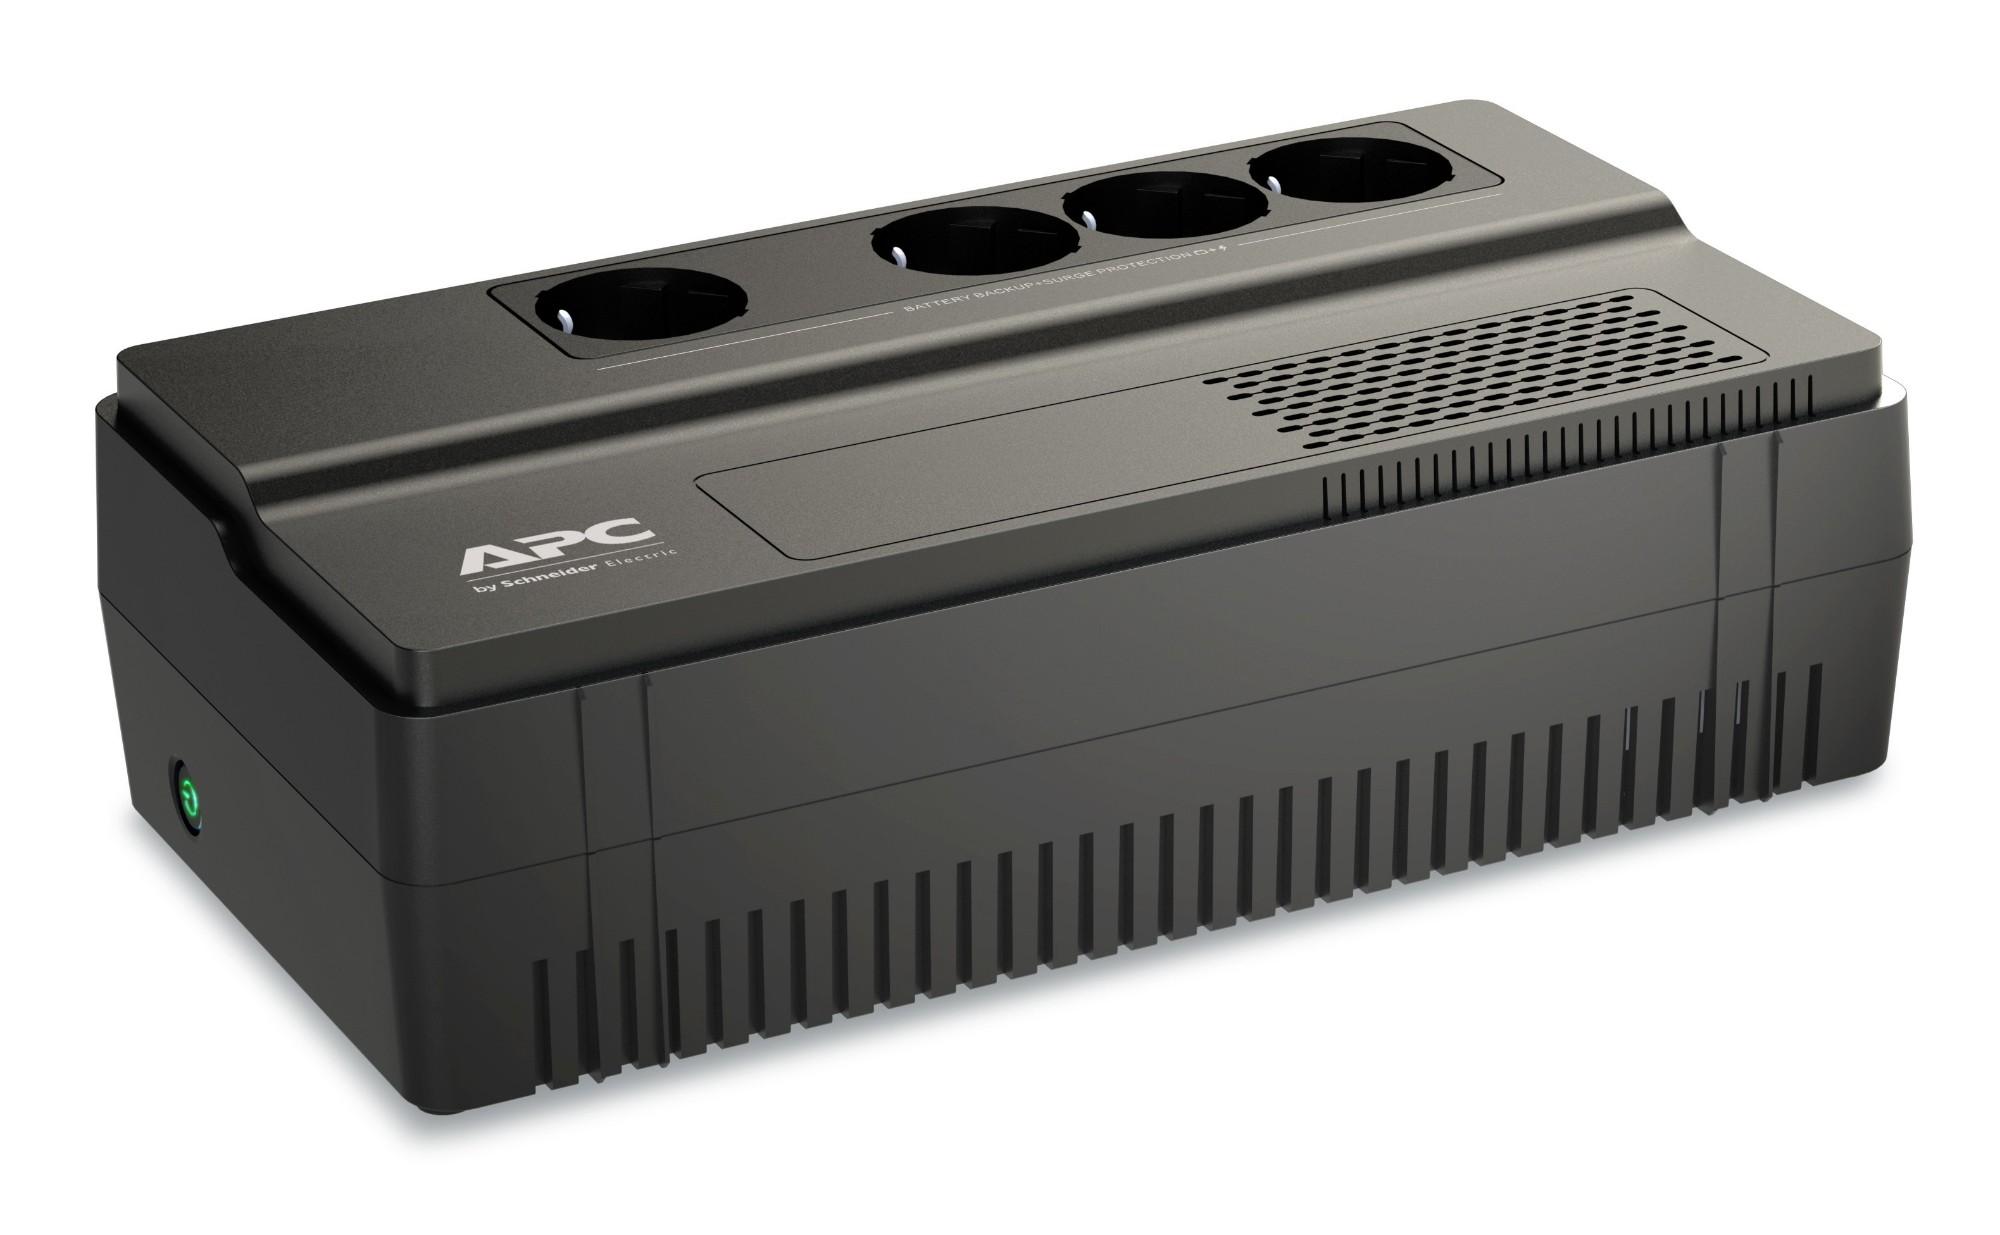 APC BV800I-GR sistema de alimentación ininterrumpida (UPS) Línea interactiva 800 VA 450 W 4 salidas AC